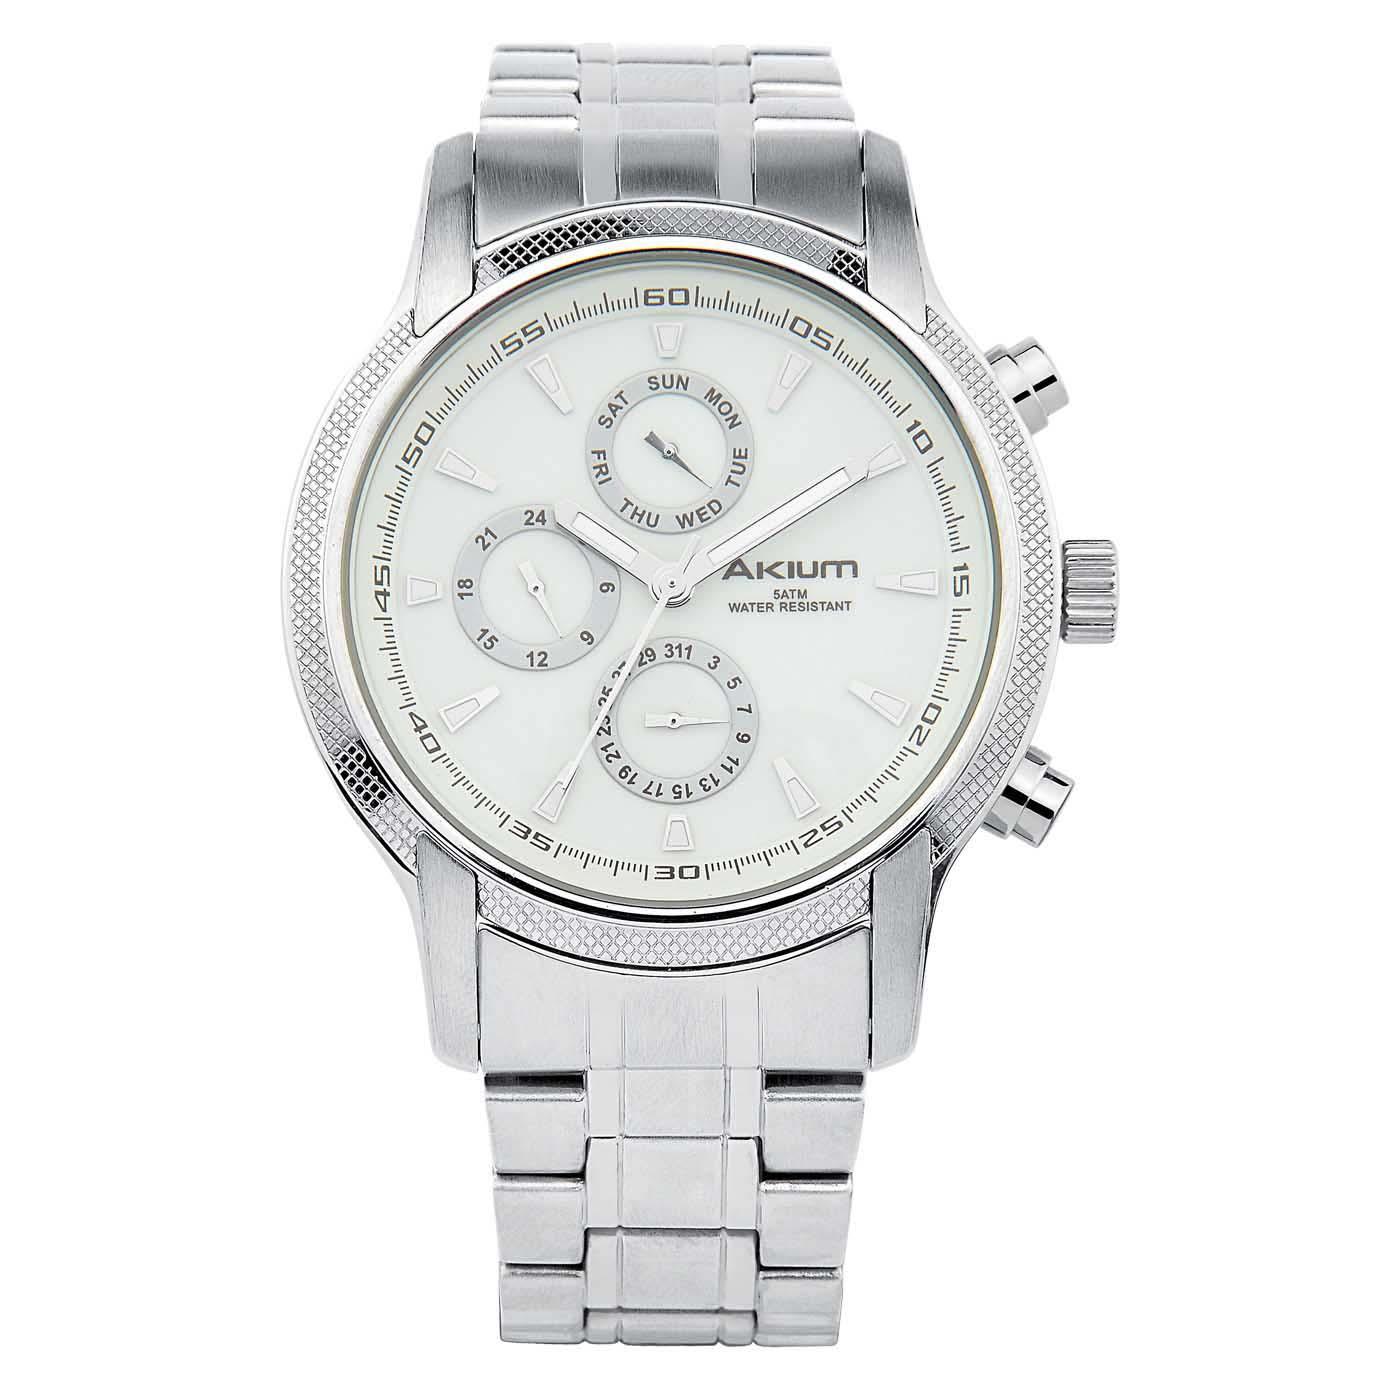 769febefd48 Relógio Akium Masculino Aço - G6606-WHITE